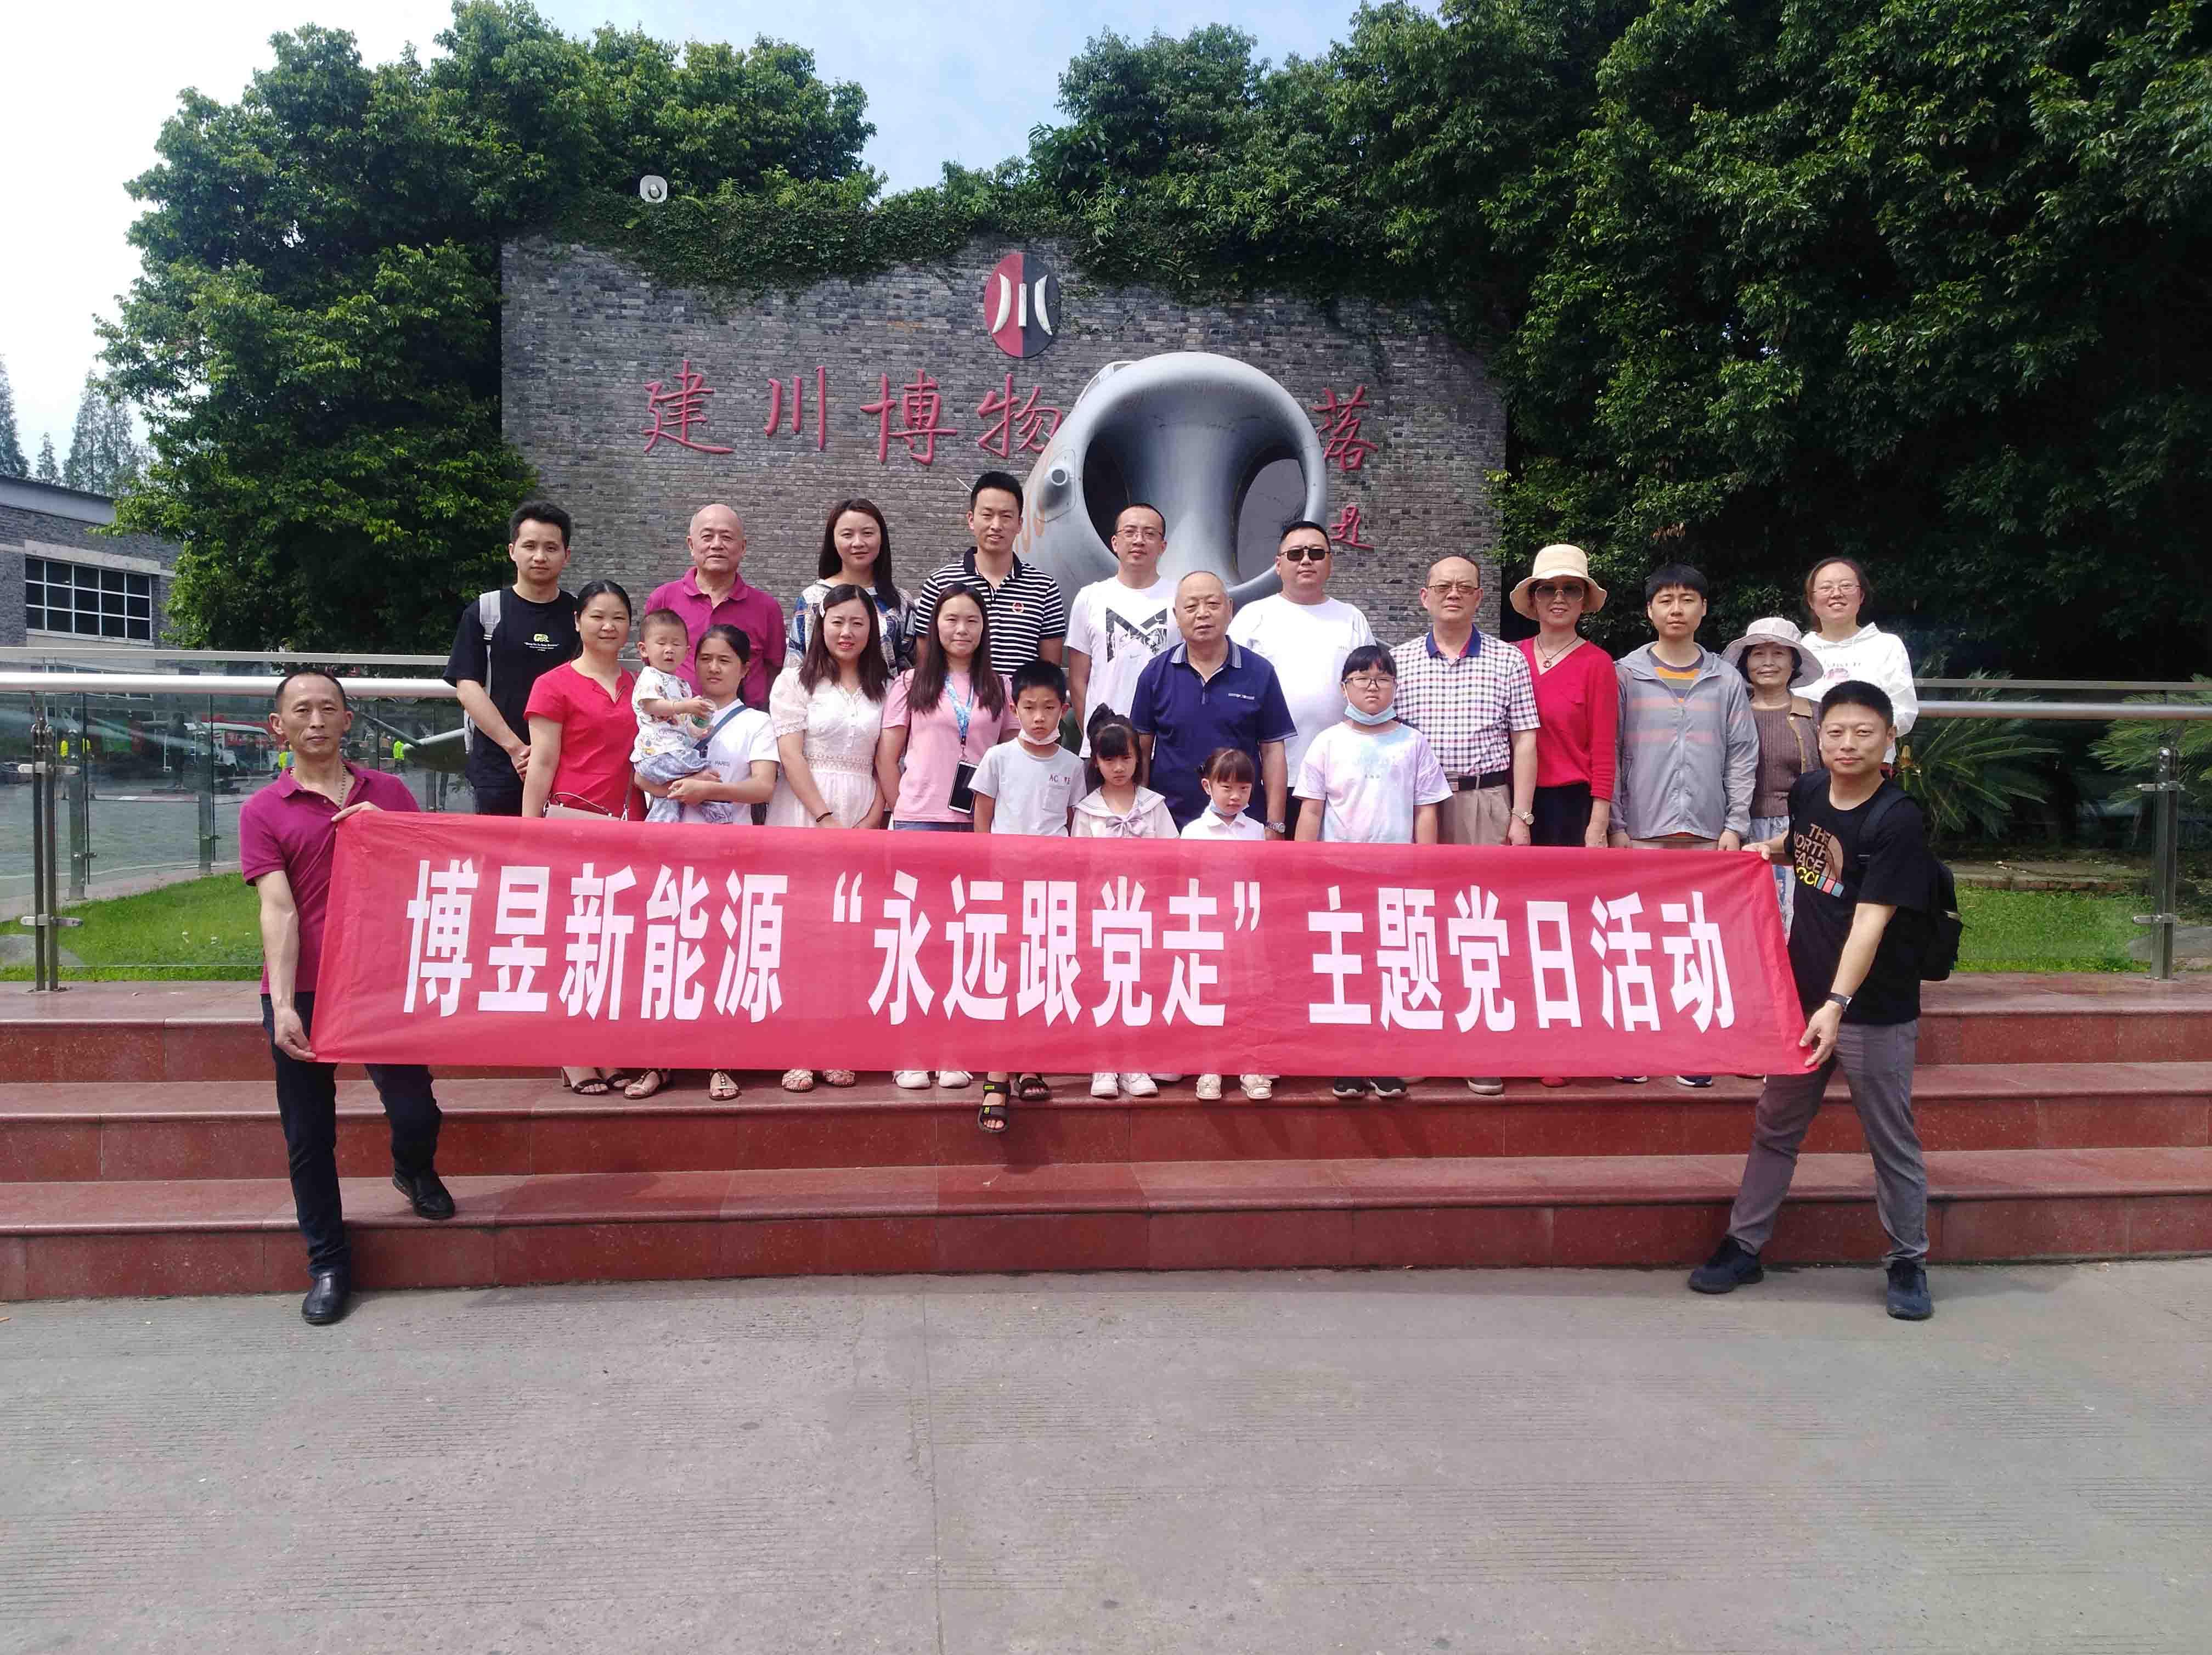 庆祝中国共产党成立100周年,成都博昱开展一系列党建活动!